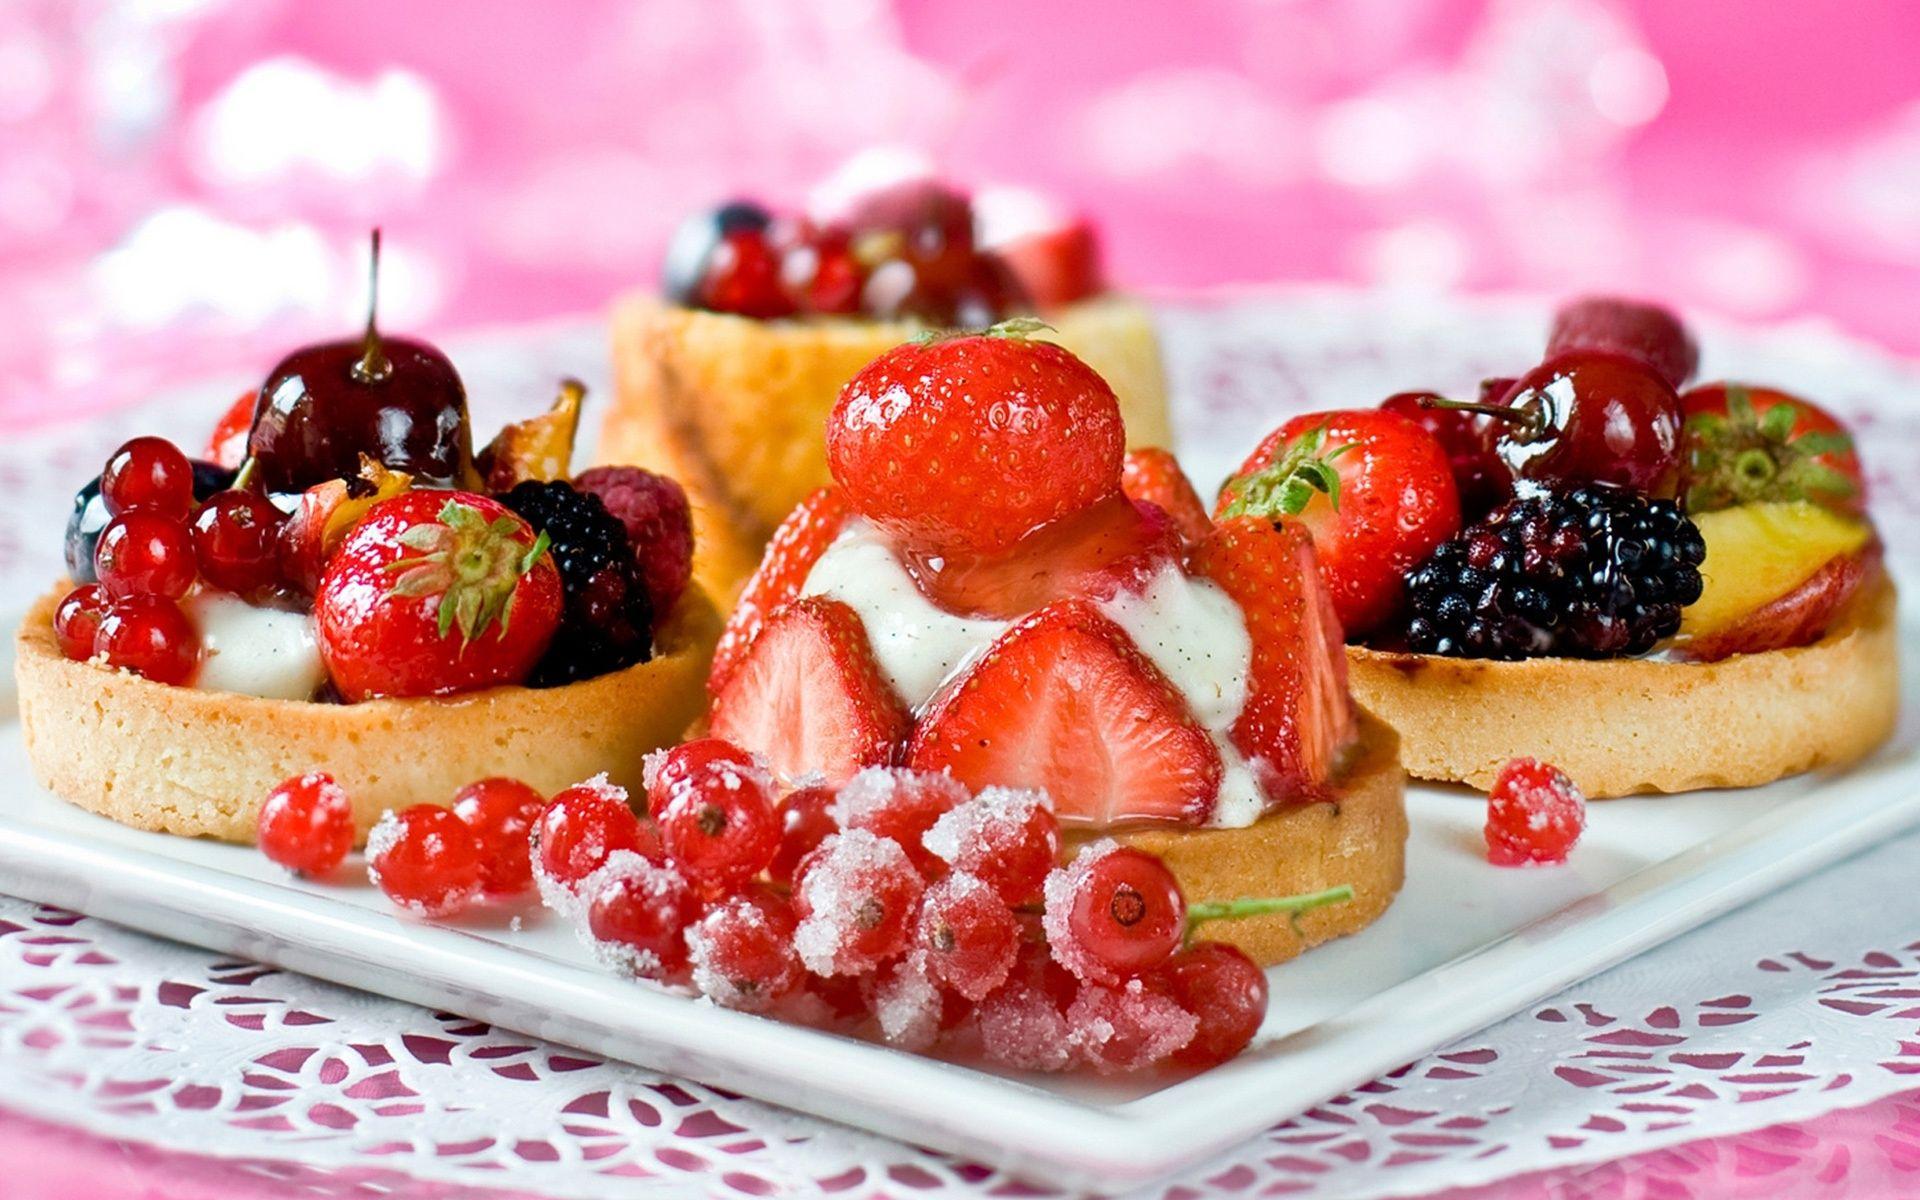 おいしいデザートのケーキ イチゴチェリーベリー 壁紙 19x10 桜のデザート 食べ物のアイデア 美味しい